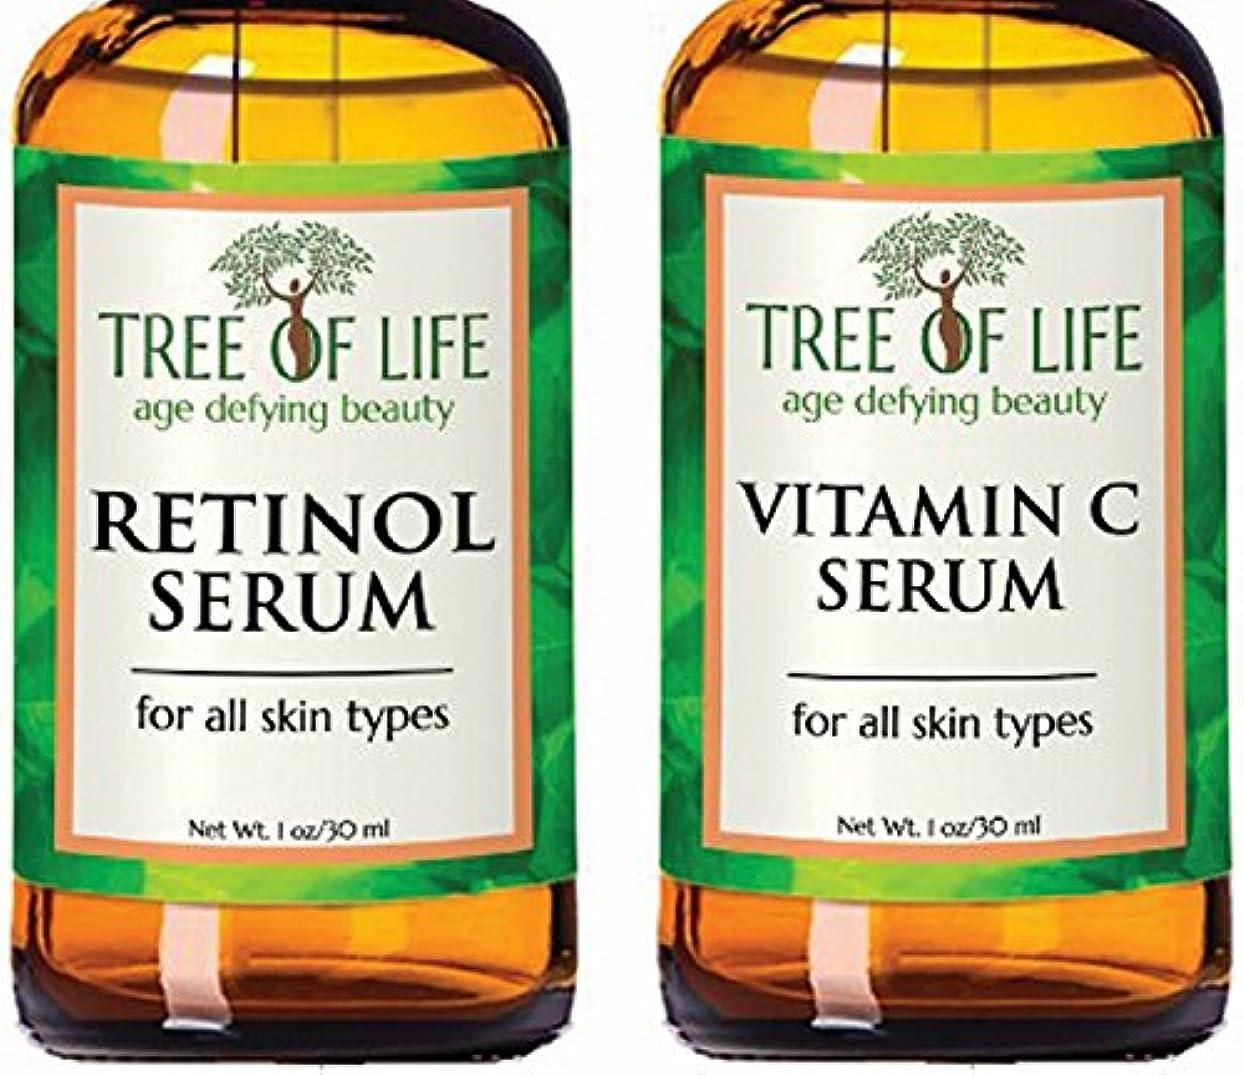 長老ヒップ農業Tree of Life Beauty セラム コンボ パック ビタミン C 血清 レチノール 血清